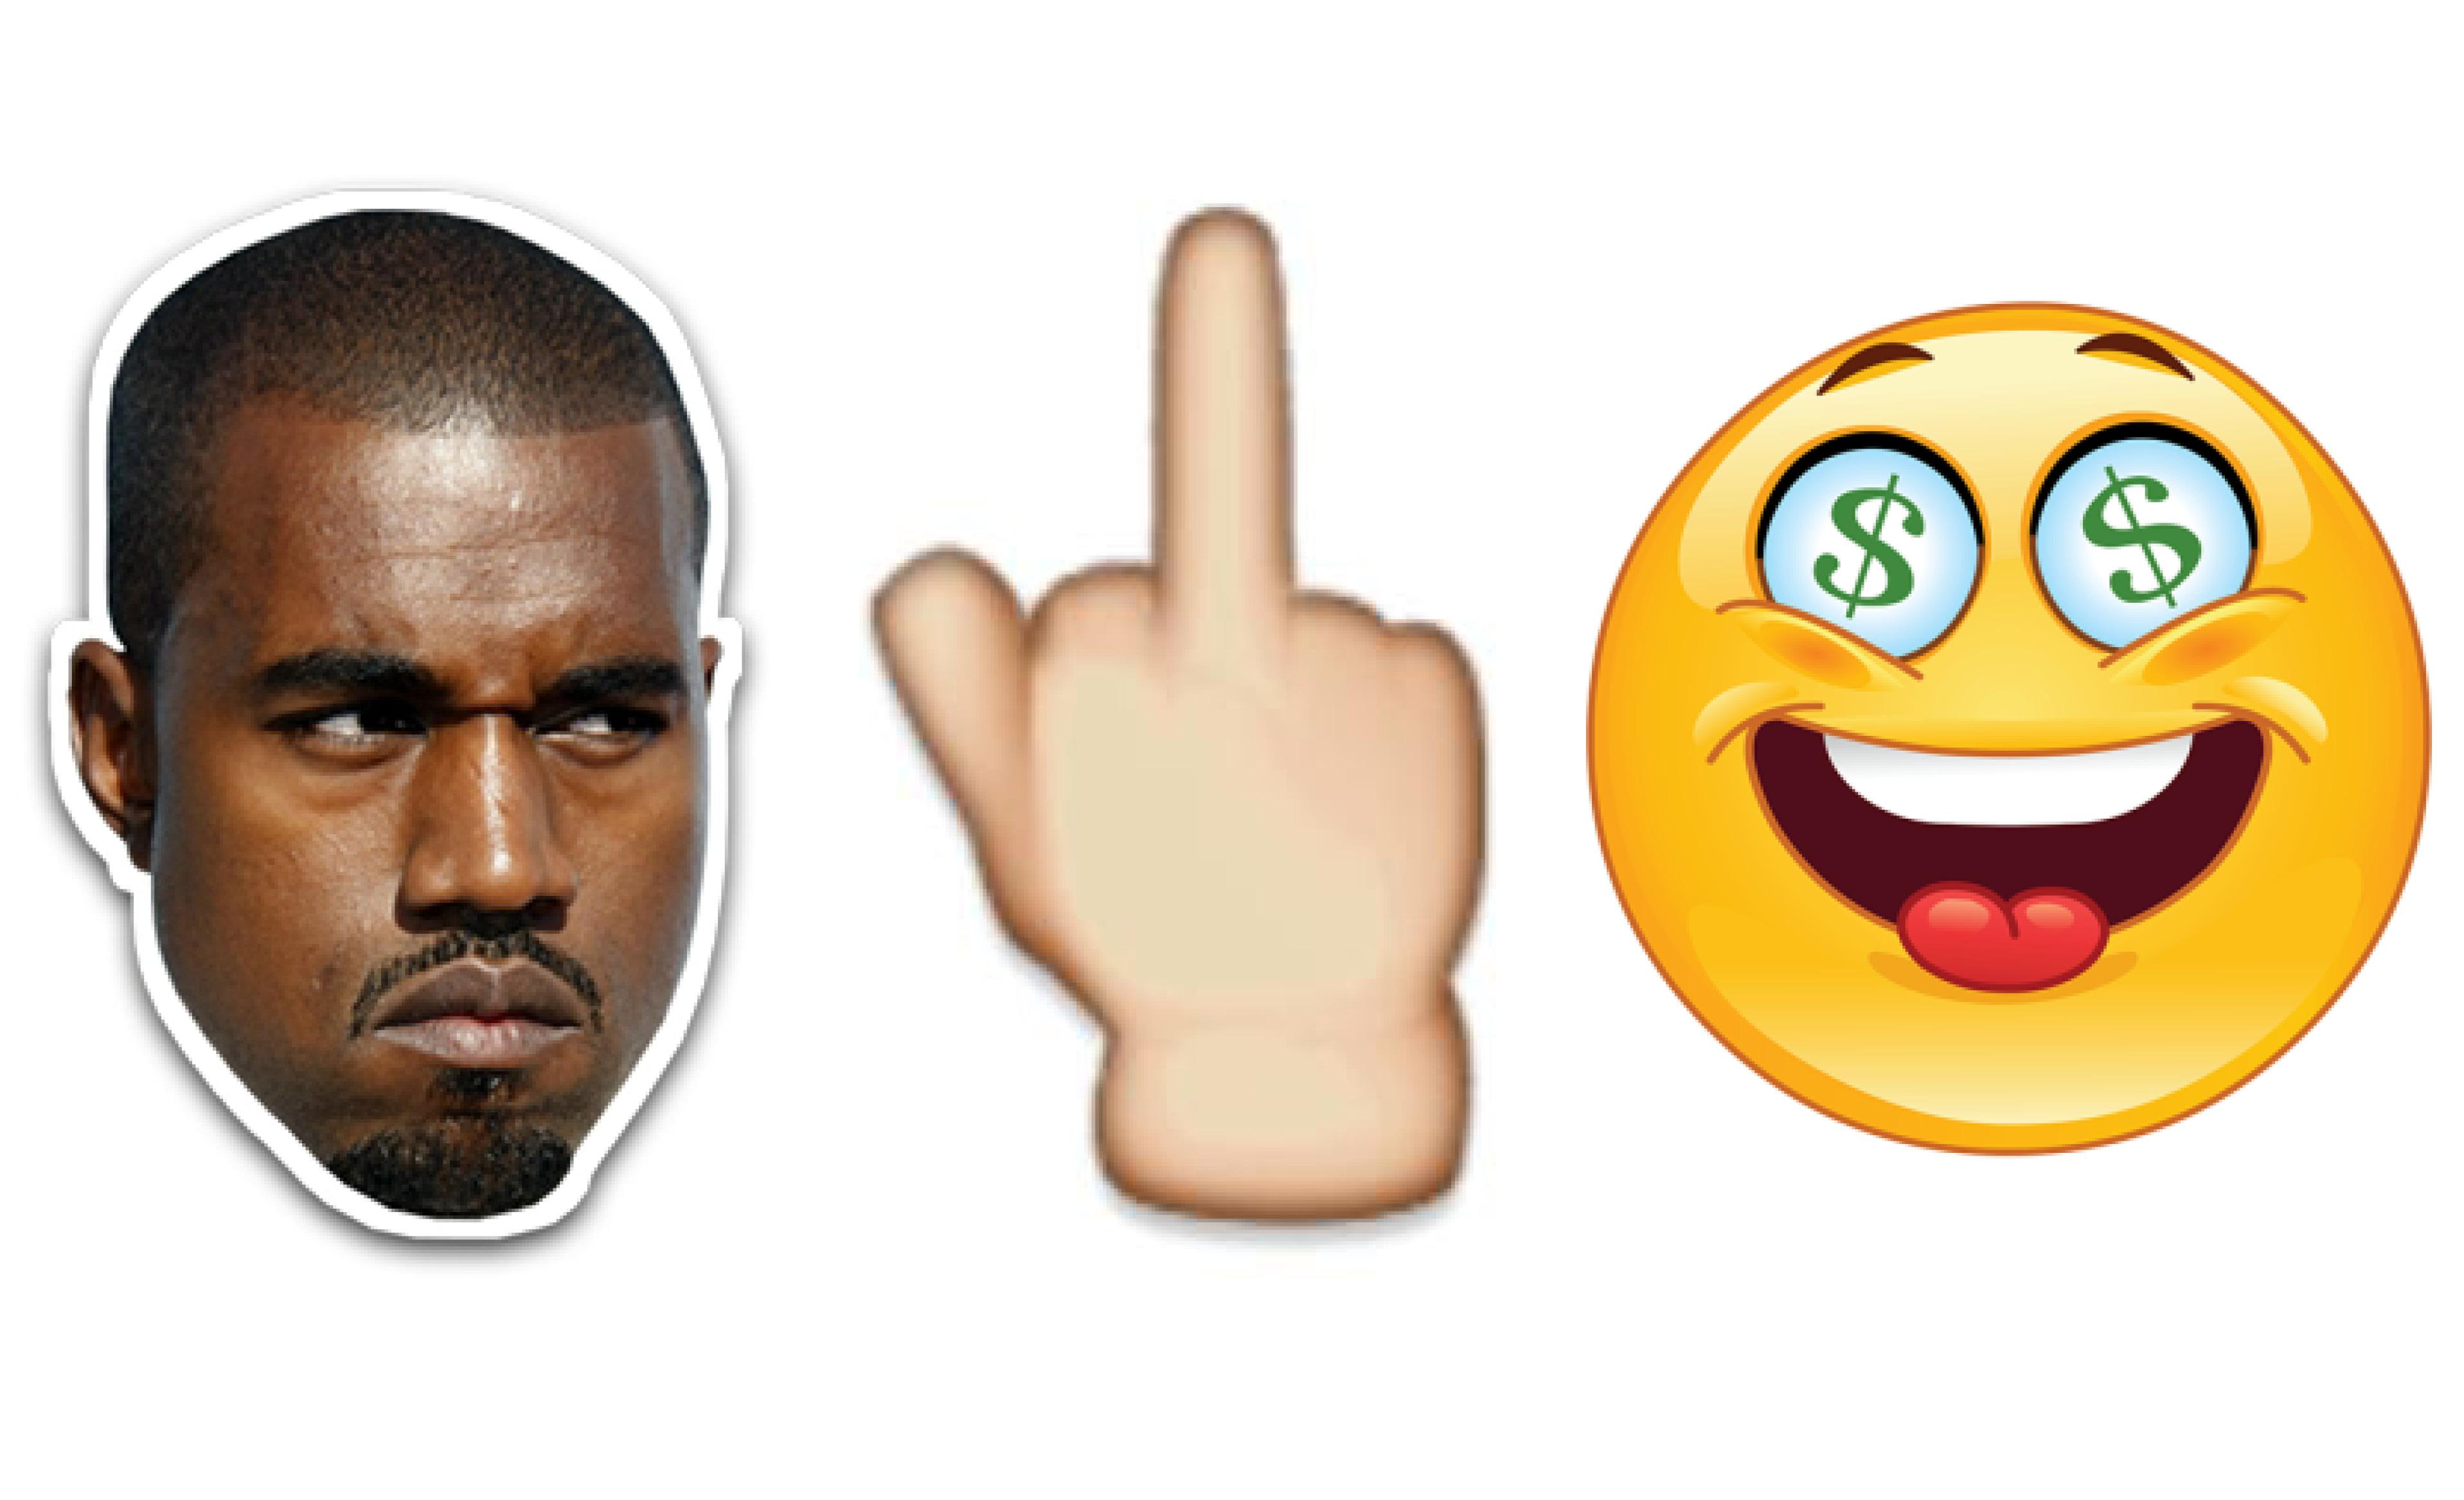 Noch weiß man nicht, welche Emojis im Film auftauchen werden. Aber alles ist denkbar.